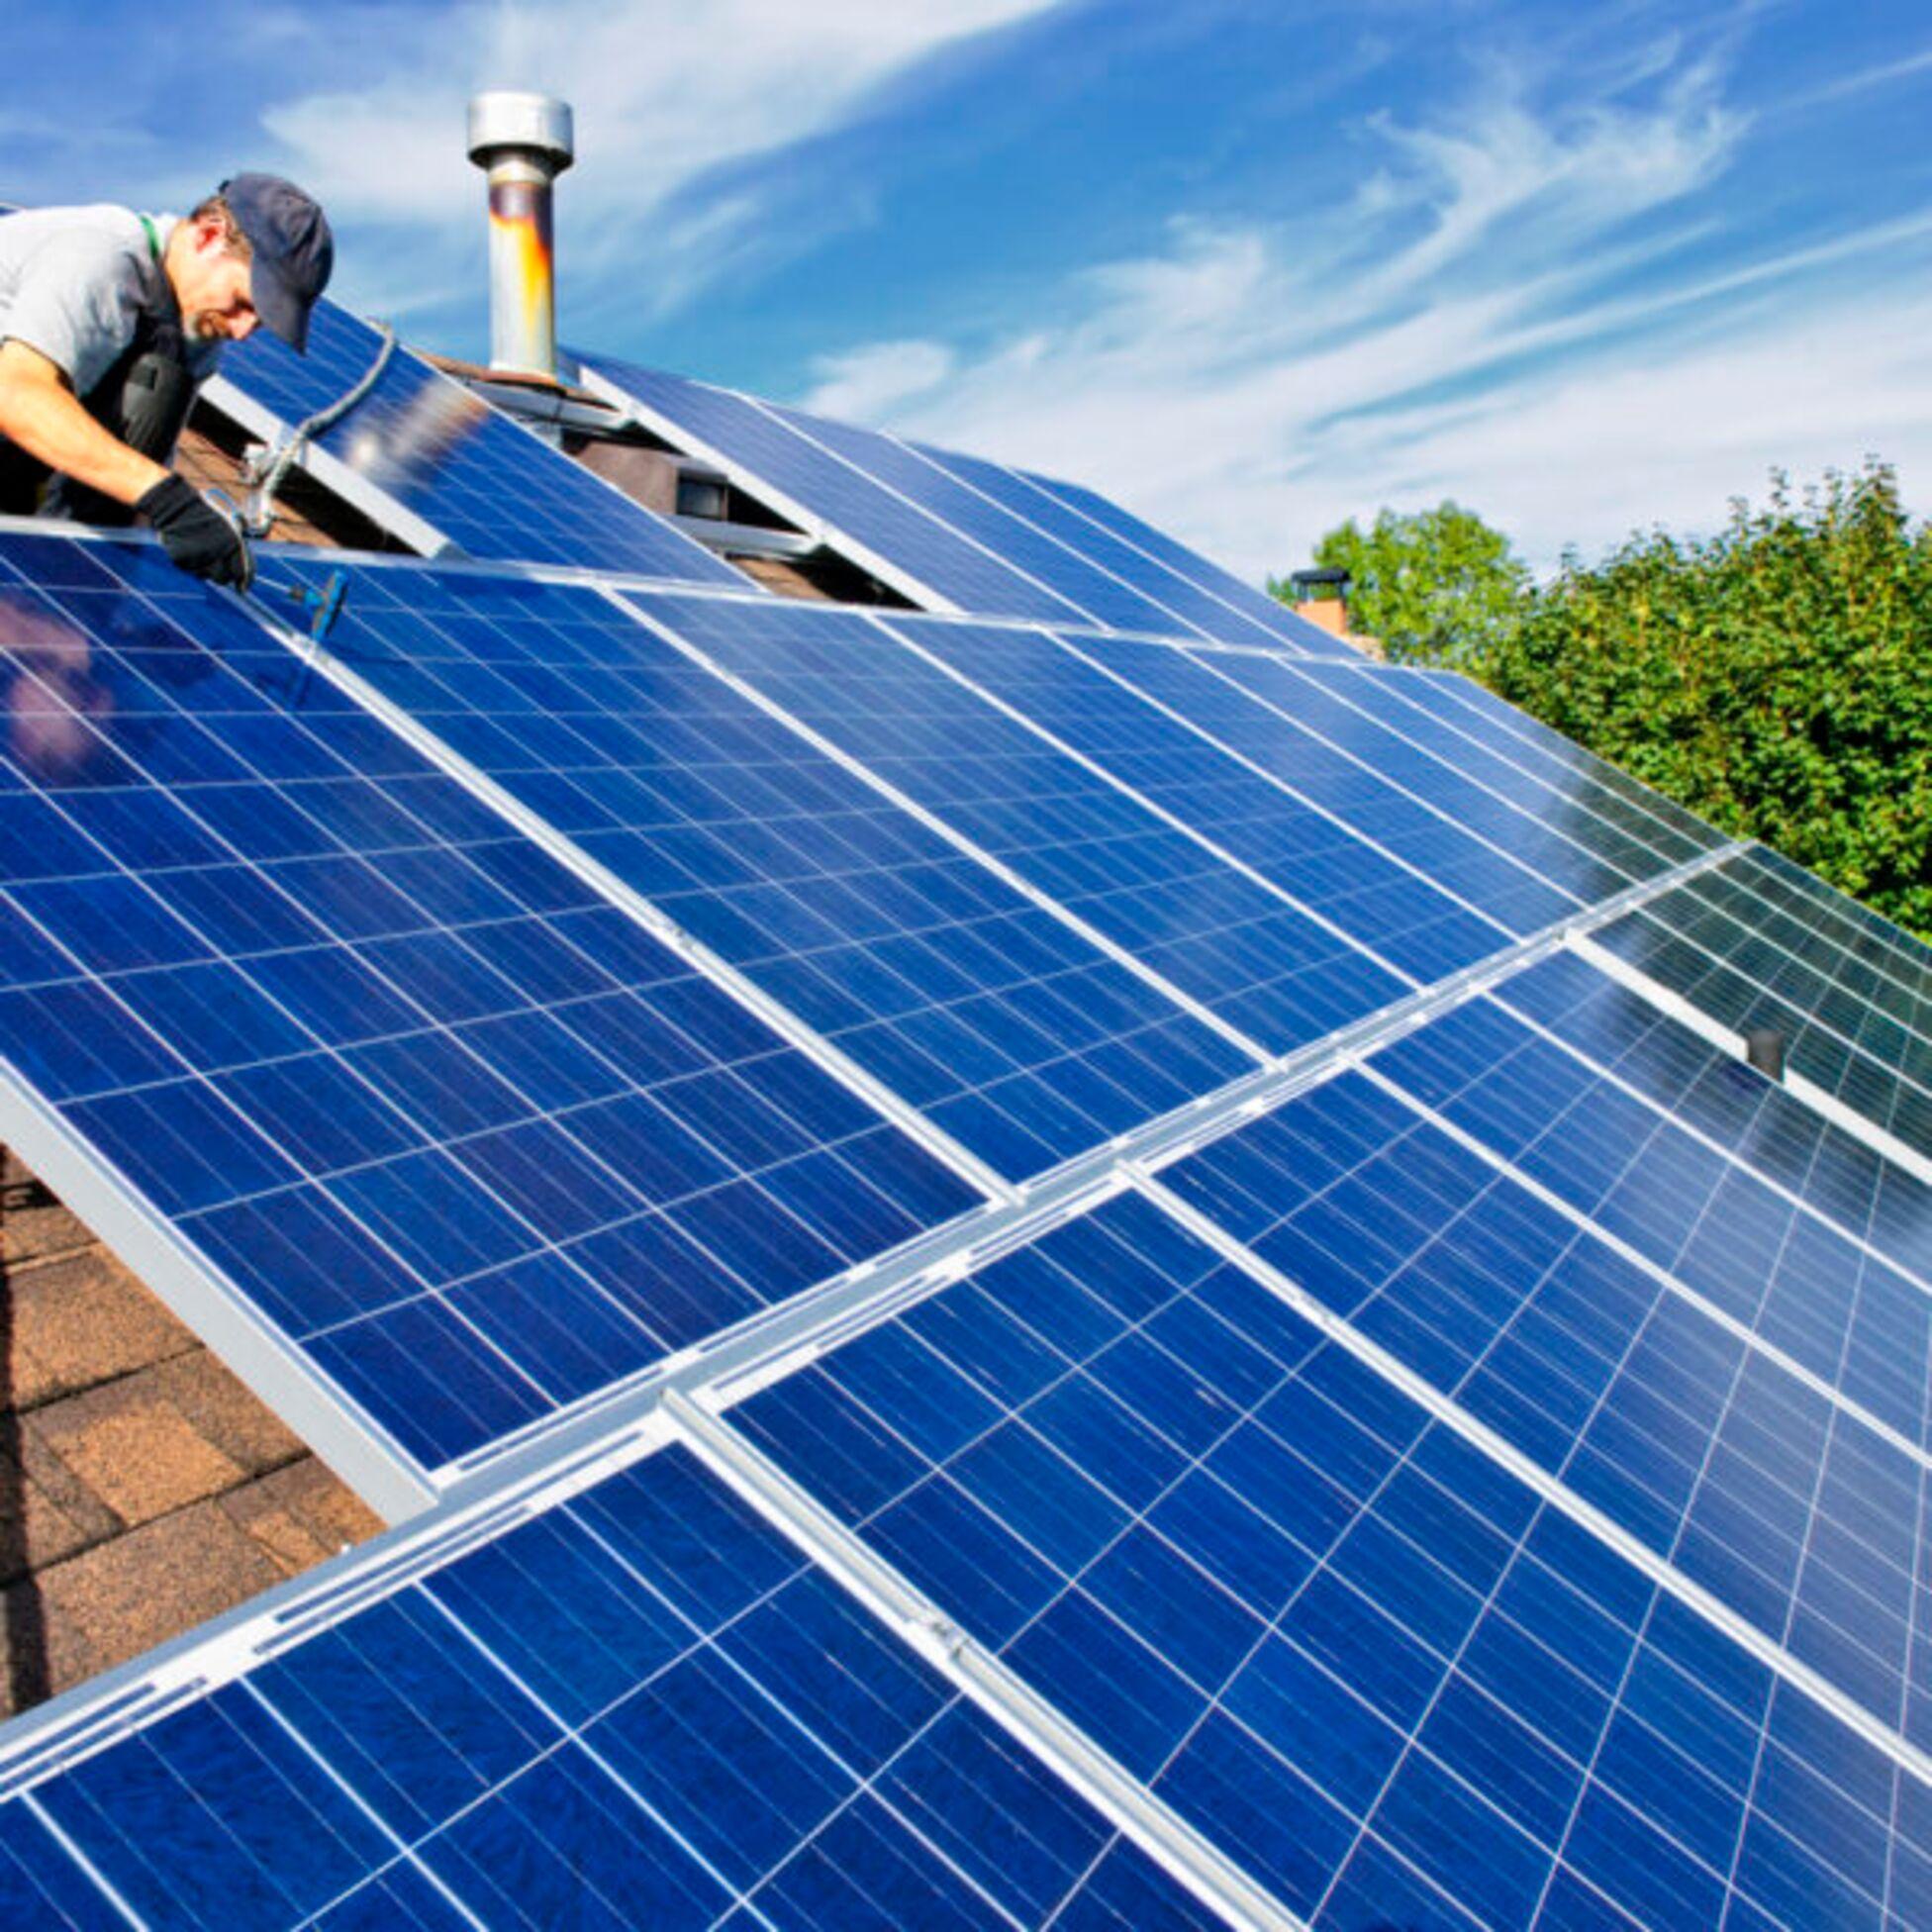 Mann installiert Solaranlage auf Hausdach